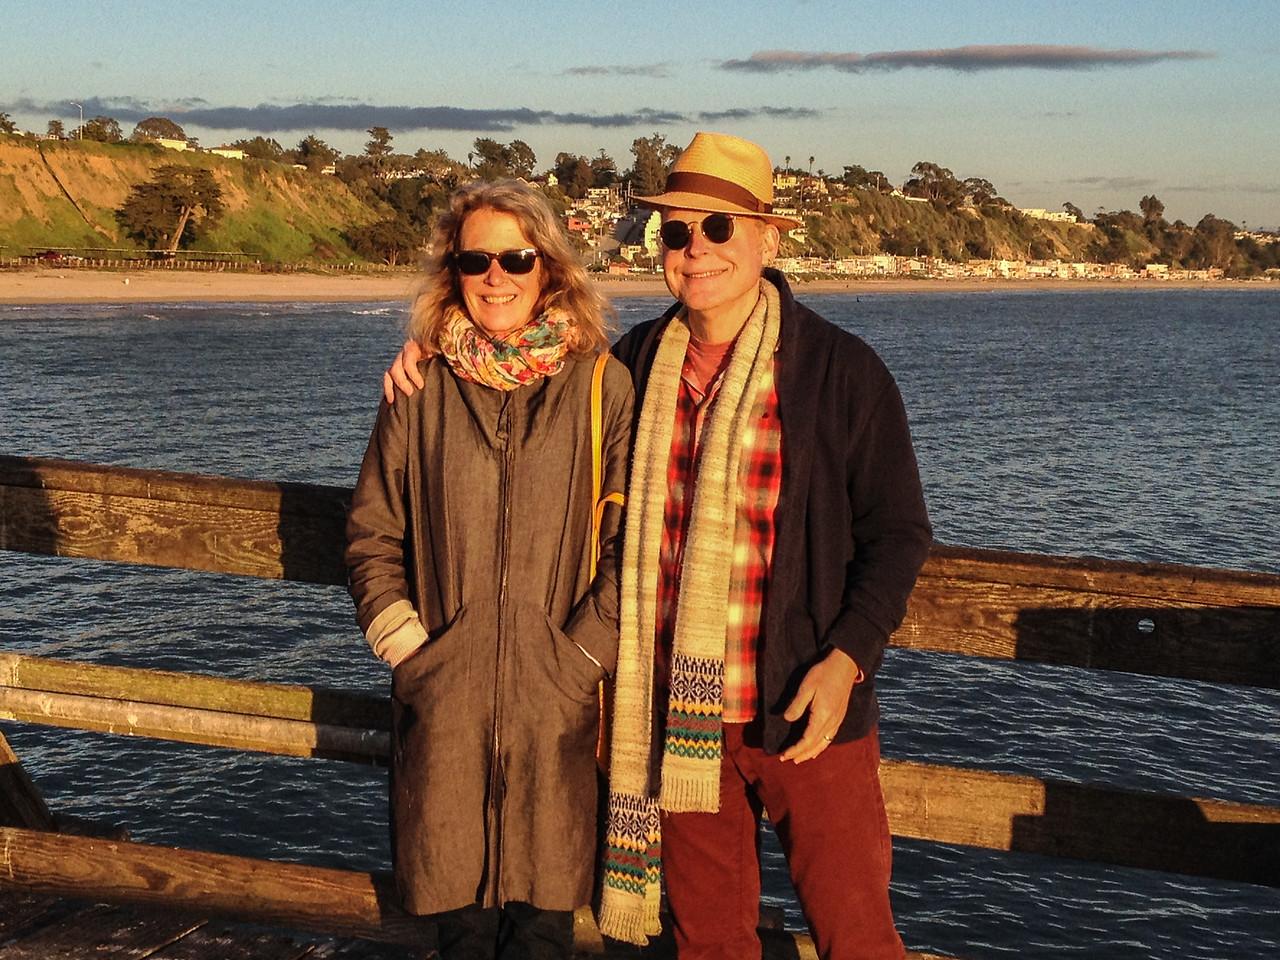 Anne & Brian on the Wharf